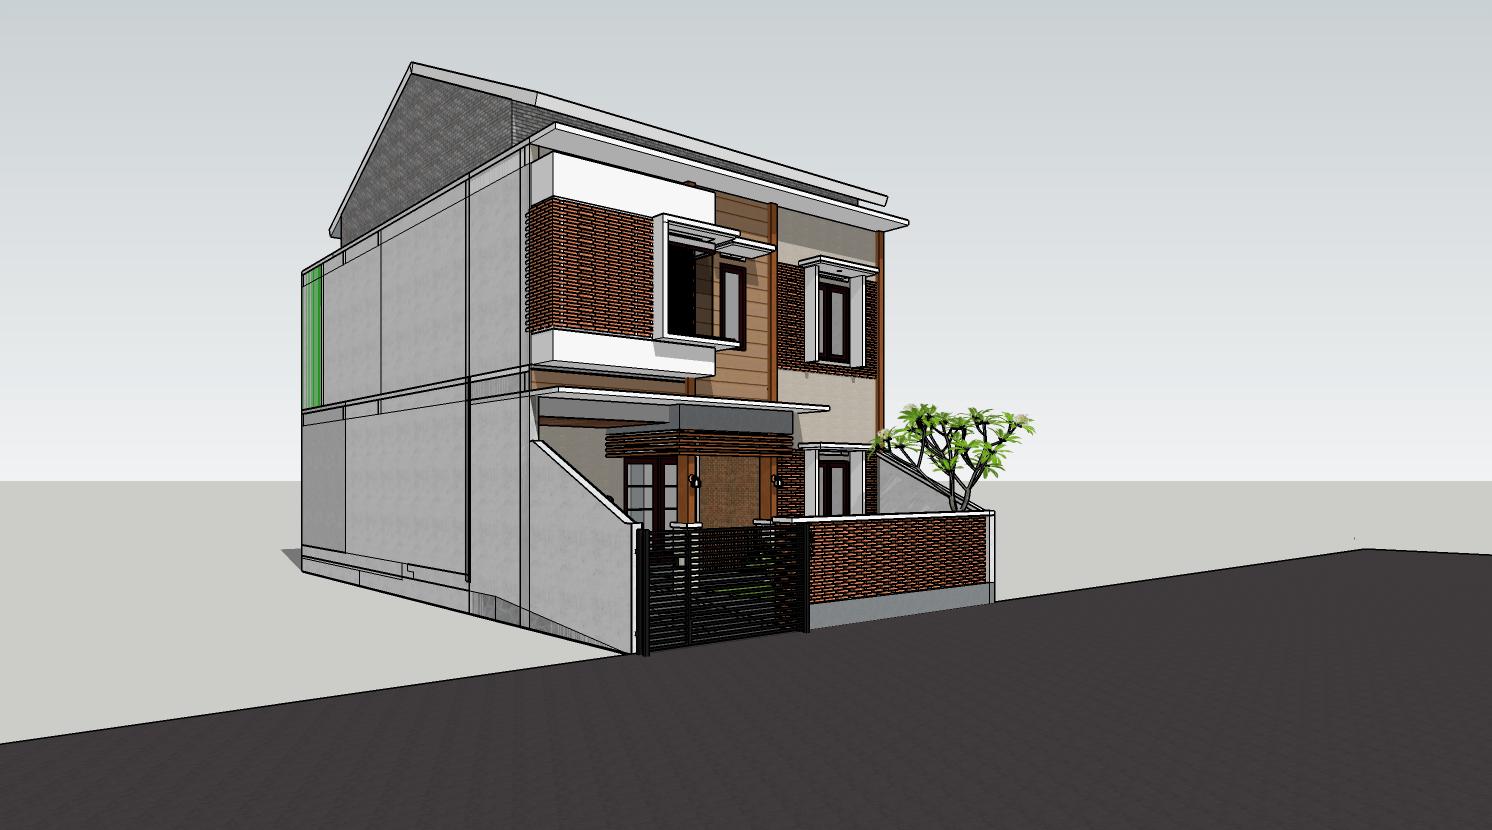 Mth29 Design [Design] Dr House - Bogor Bogor, Jawa Barat, Indonesia Bogor, Jawa Barat, Indonesia Mth29-Design-Dr-House-Bogor Tropical 109376